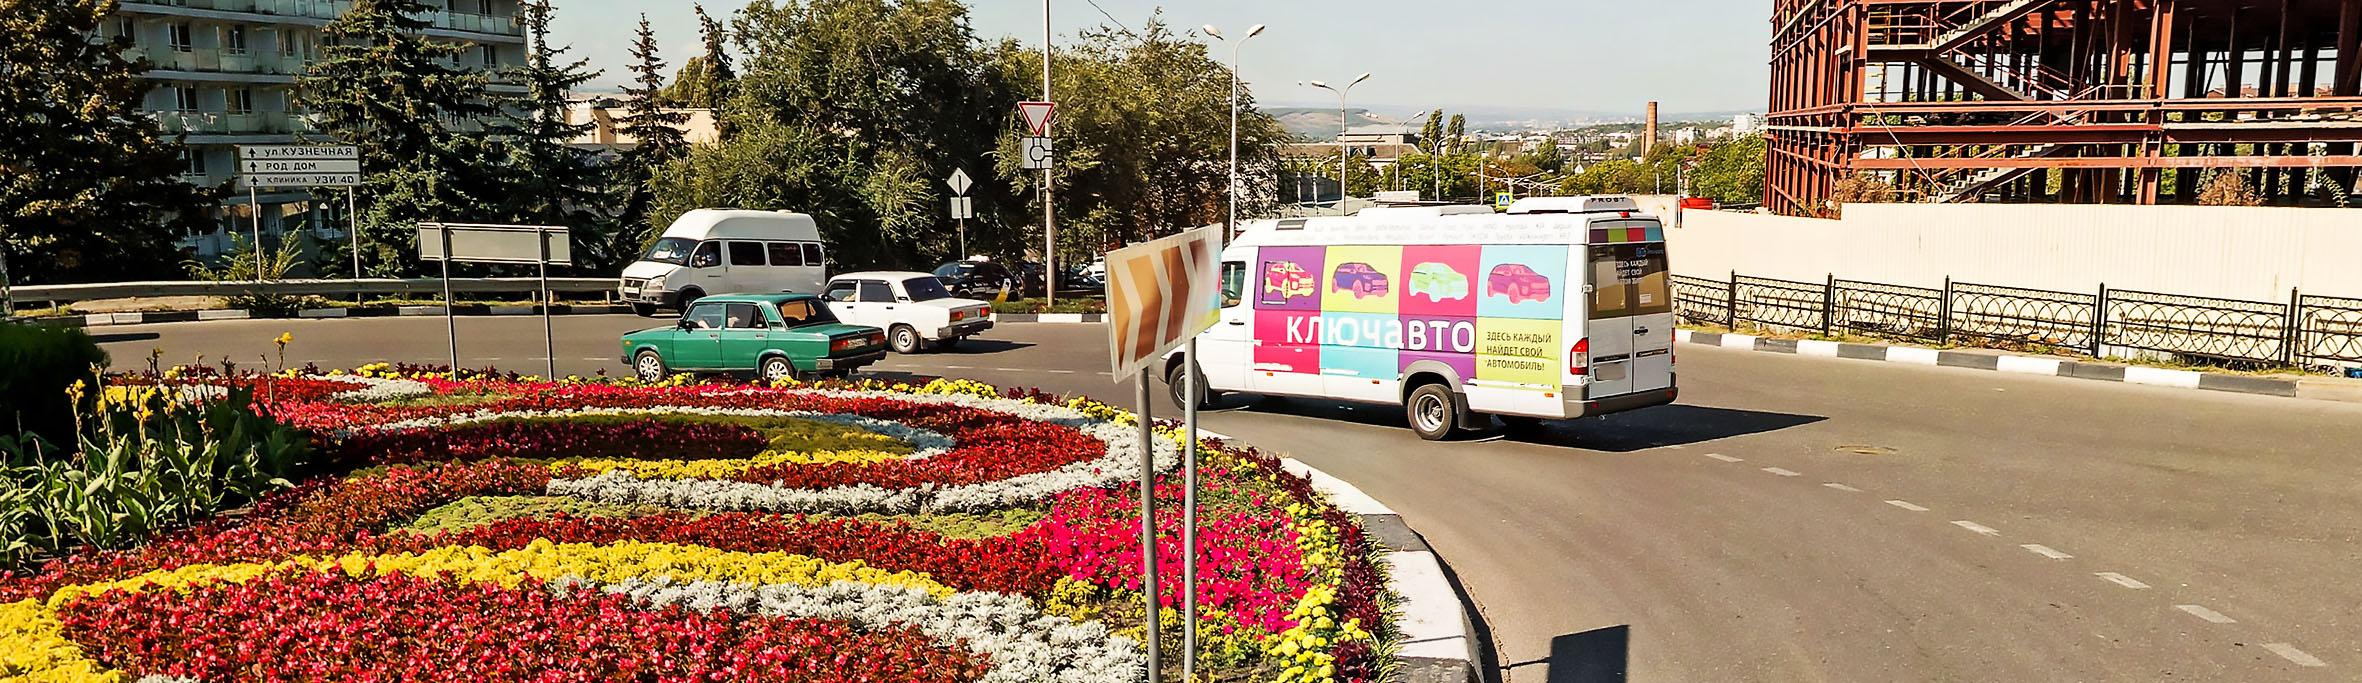 Реклама на транспорте в Ставропольском крае Кавказ